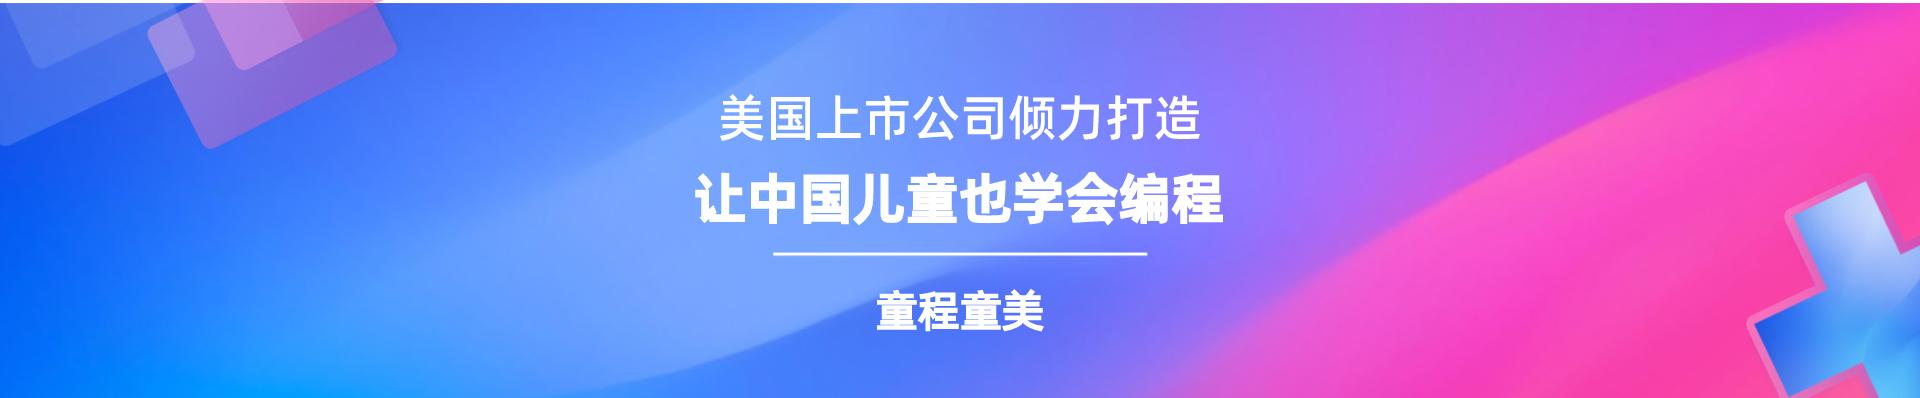 广州萝岗童程童美少儿编程培训